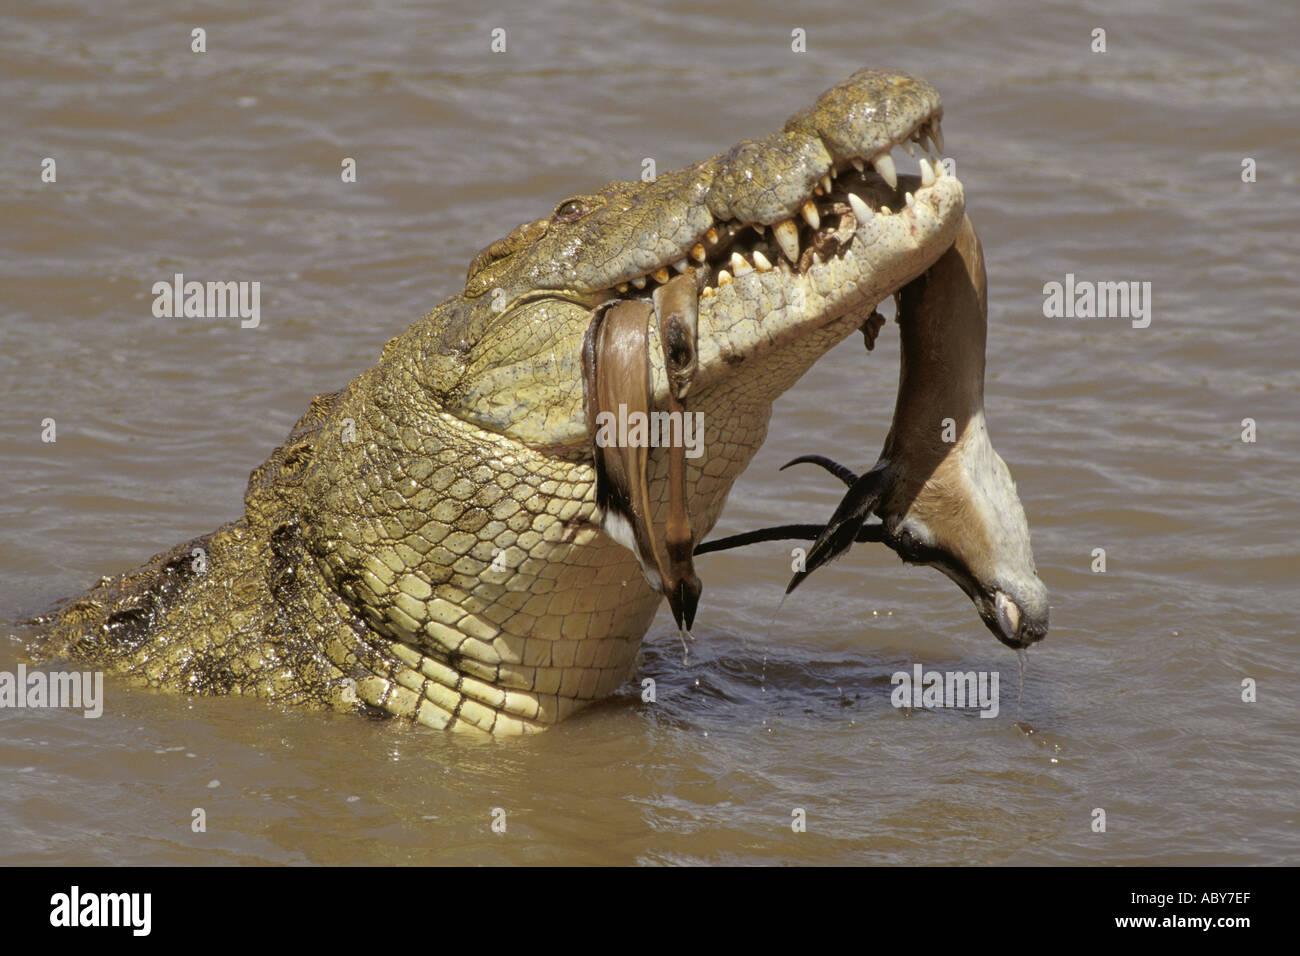 Charmant Alligator Und Krokodil Malvorlagen Bilder - Malvorlagen Von ...